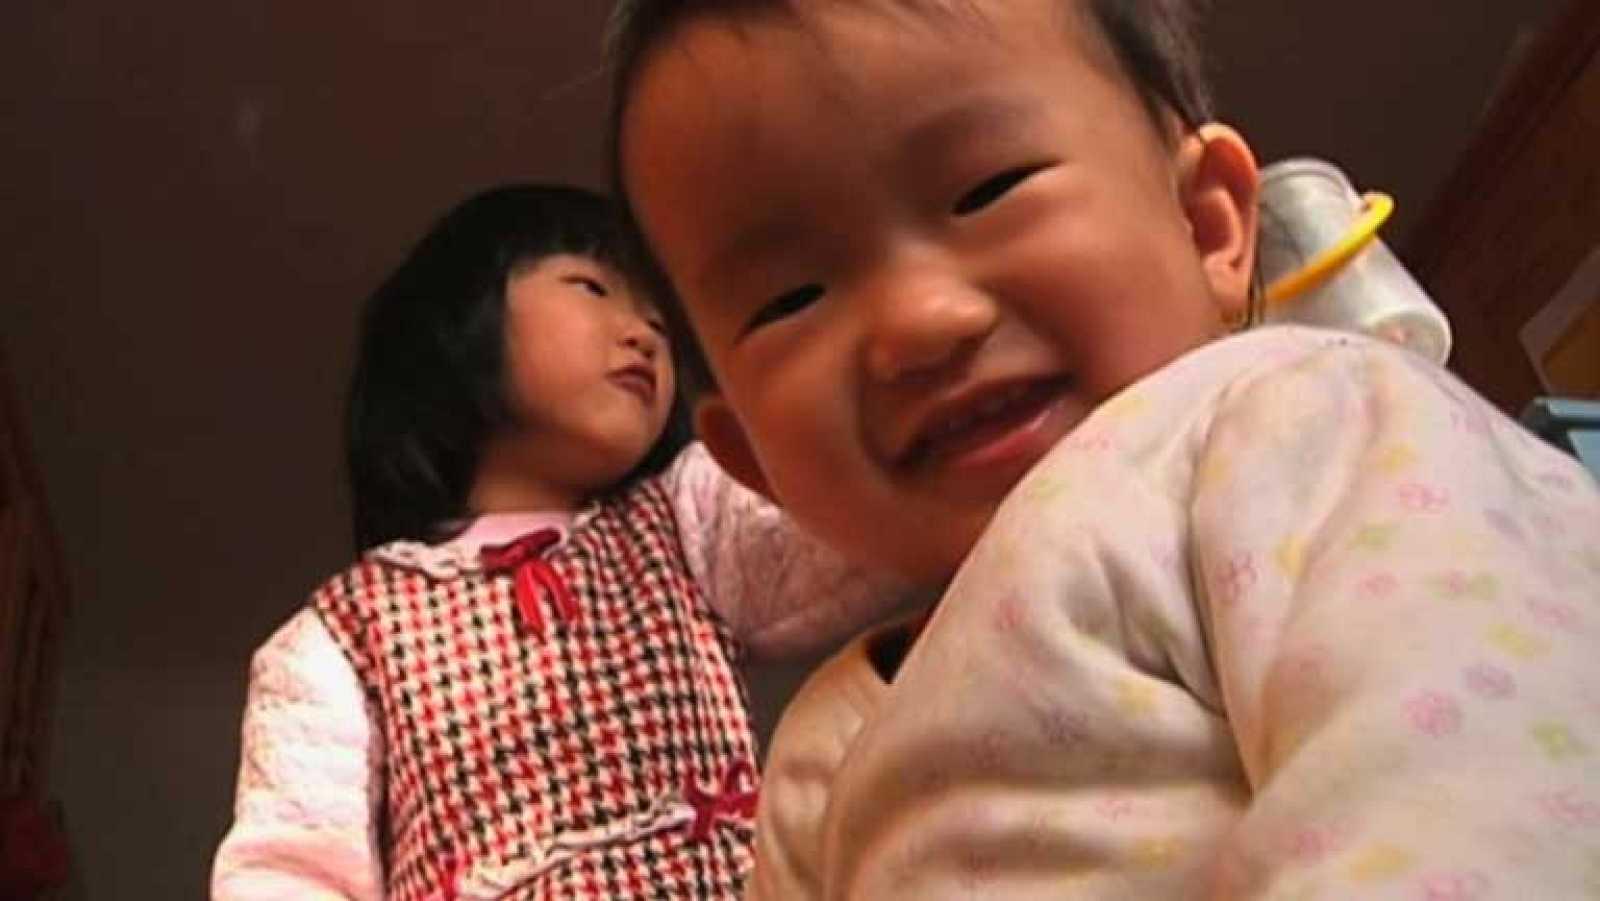 Aprobada una ley en China que relaja la política del hijo único